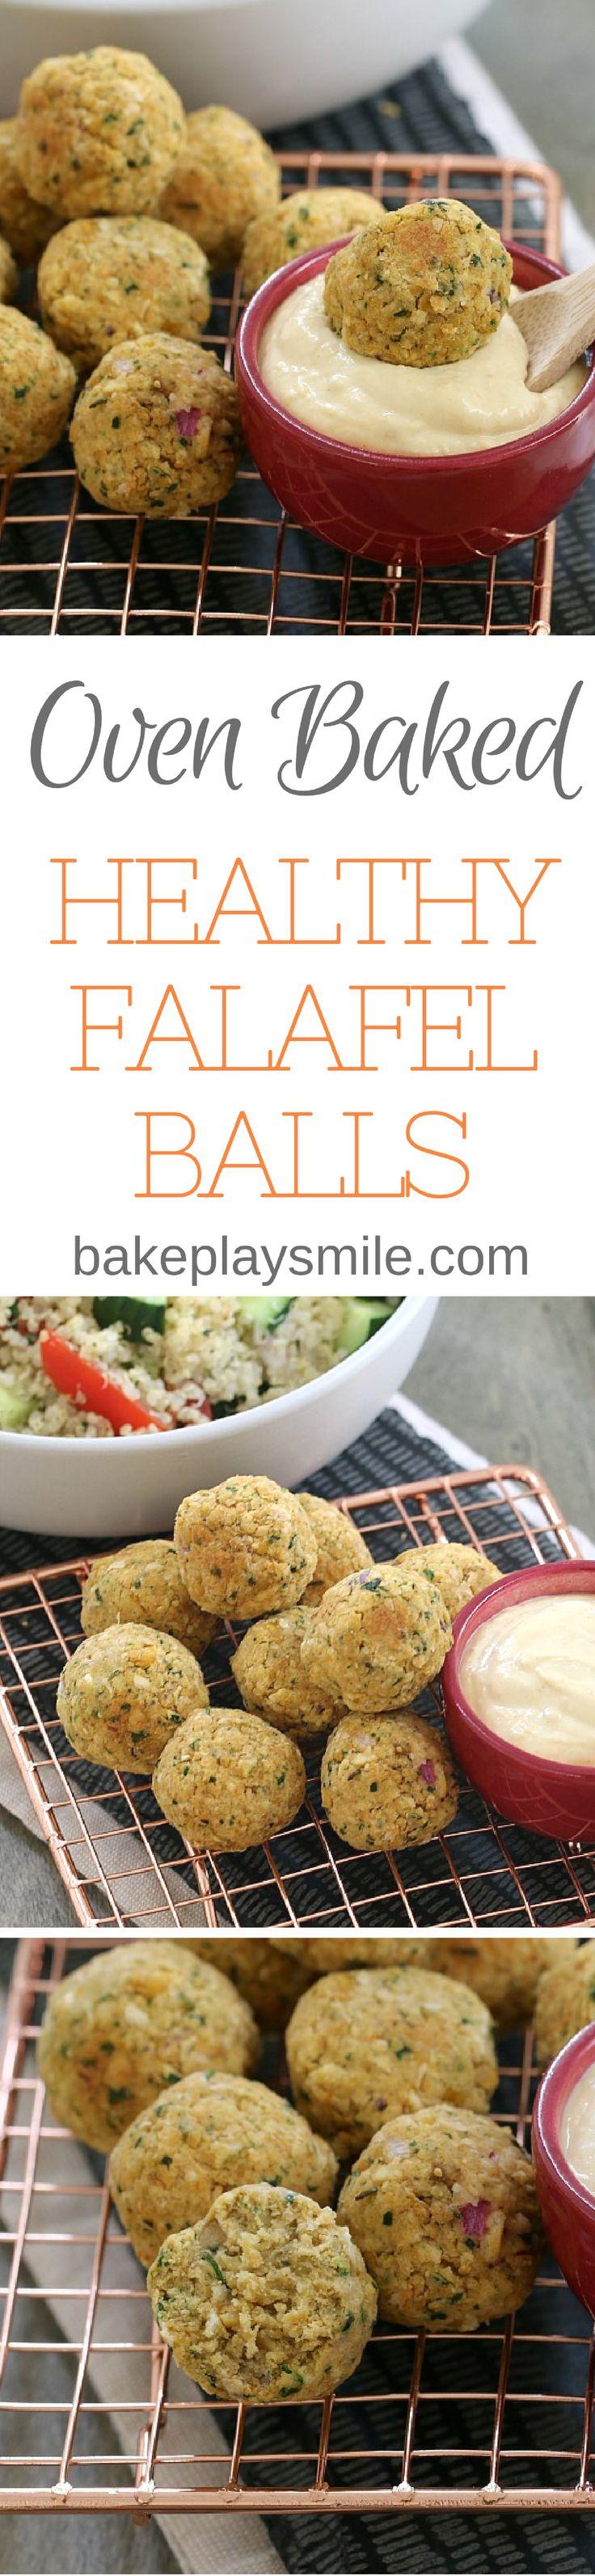 Oven baked falafel balls